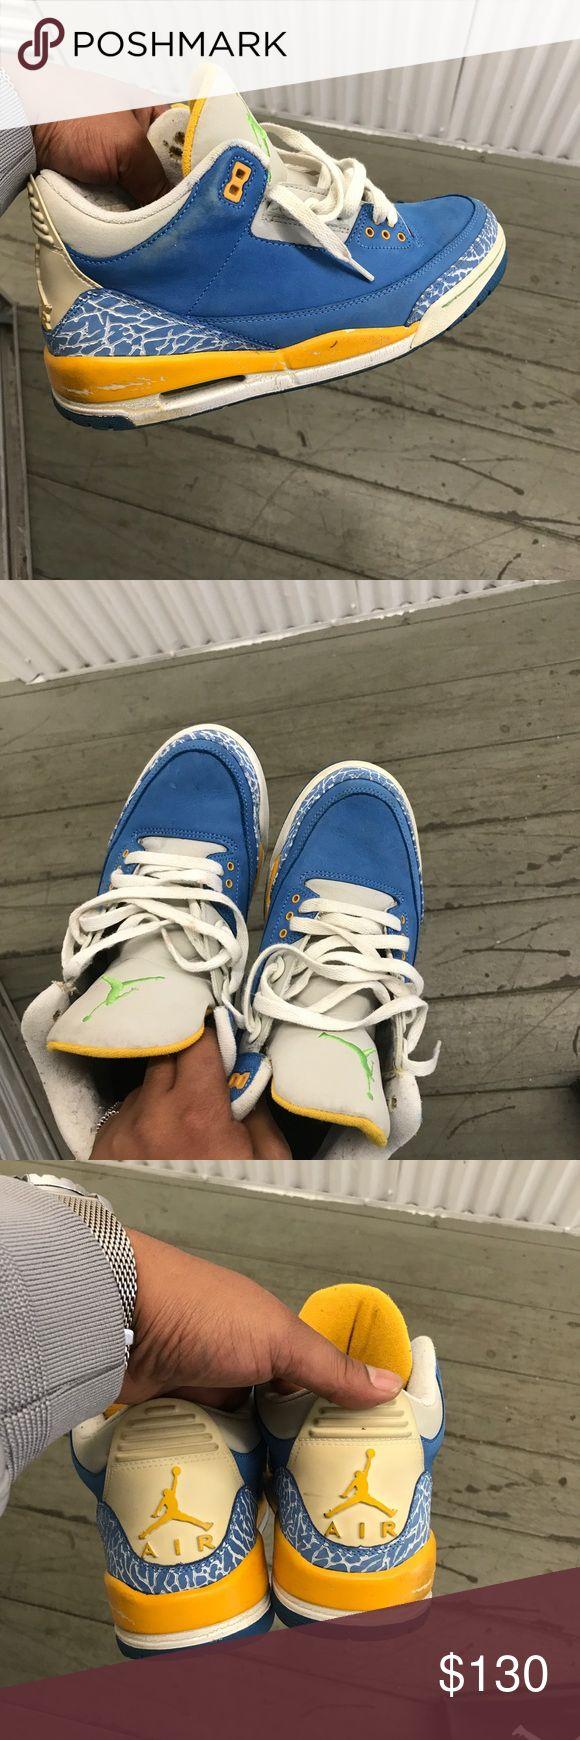 Air Jordan Spike Lee 3's Sz 9 Air Jordan Spike Lee 3's Sz 9 Air Jordan Shoes Sneakers